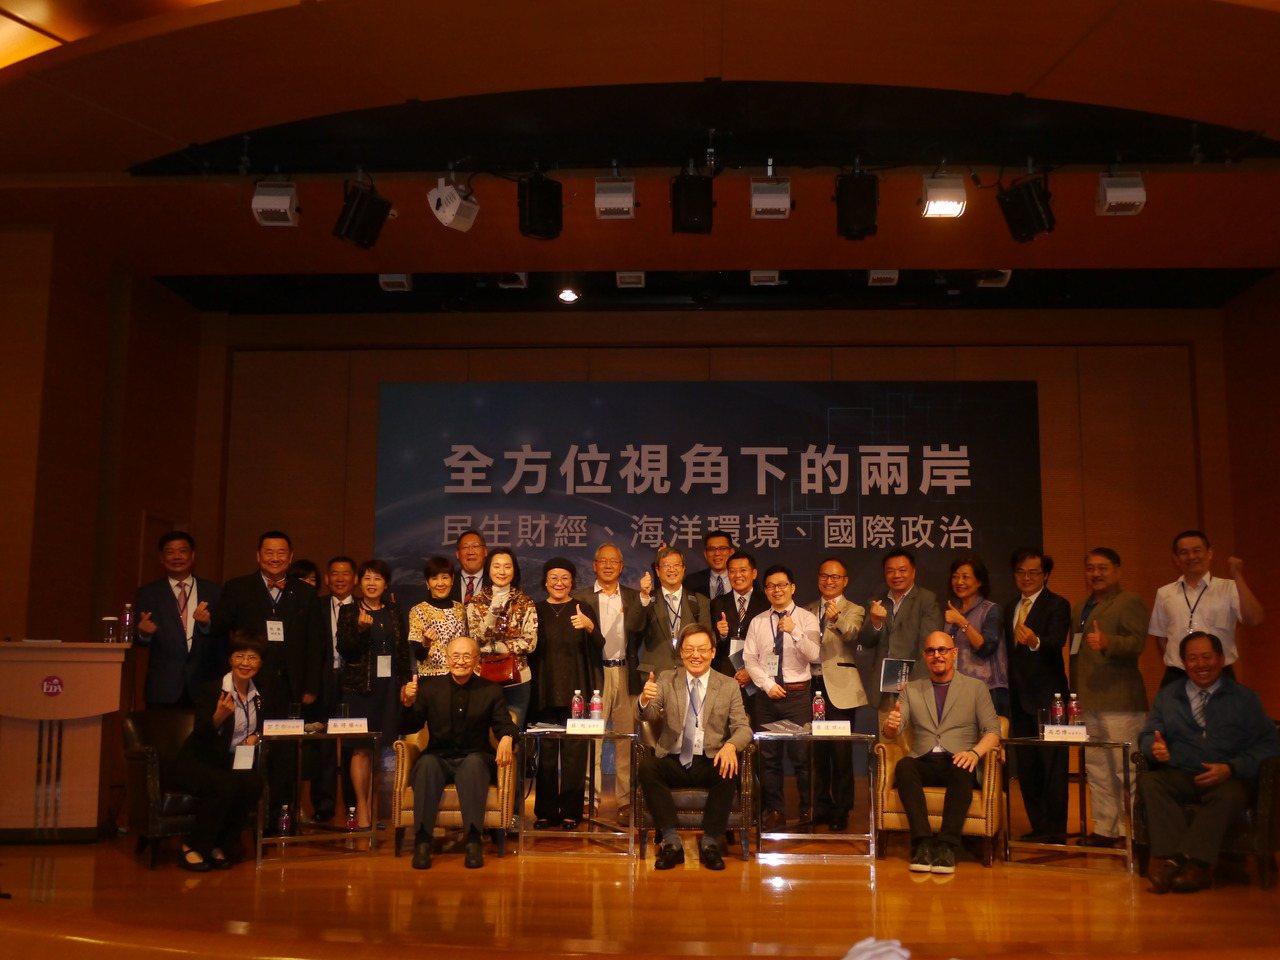 台灣論壇基金會連兩天在高雄義大皇家酒店舉辦「全方位視角下的兩岸」研討會,參與學者...